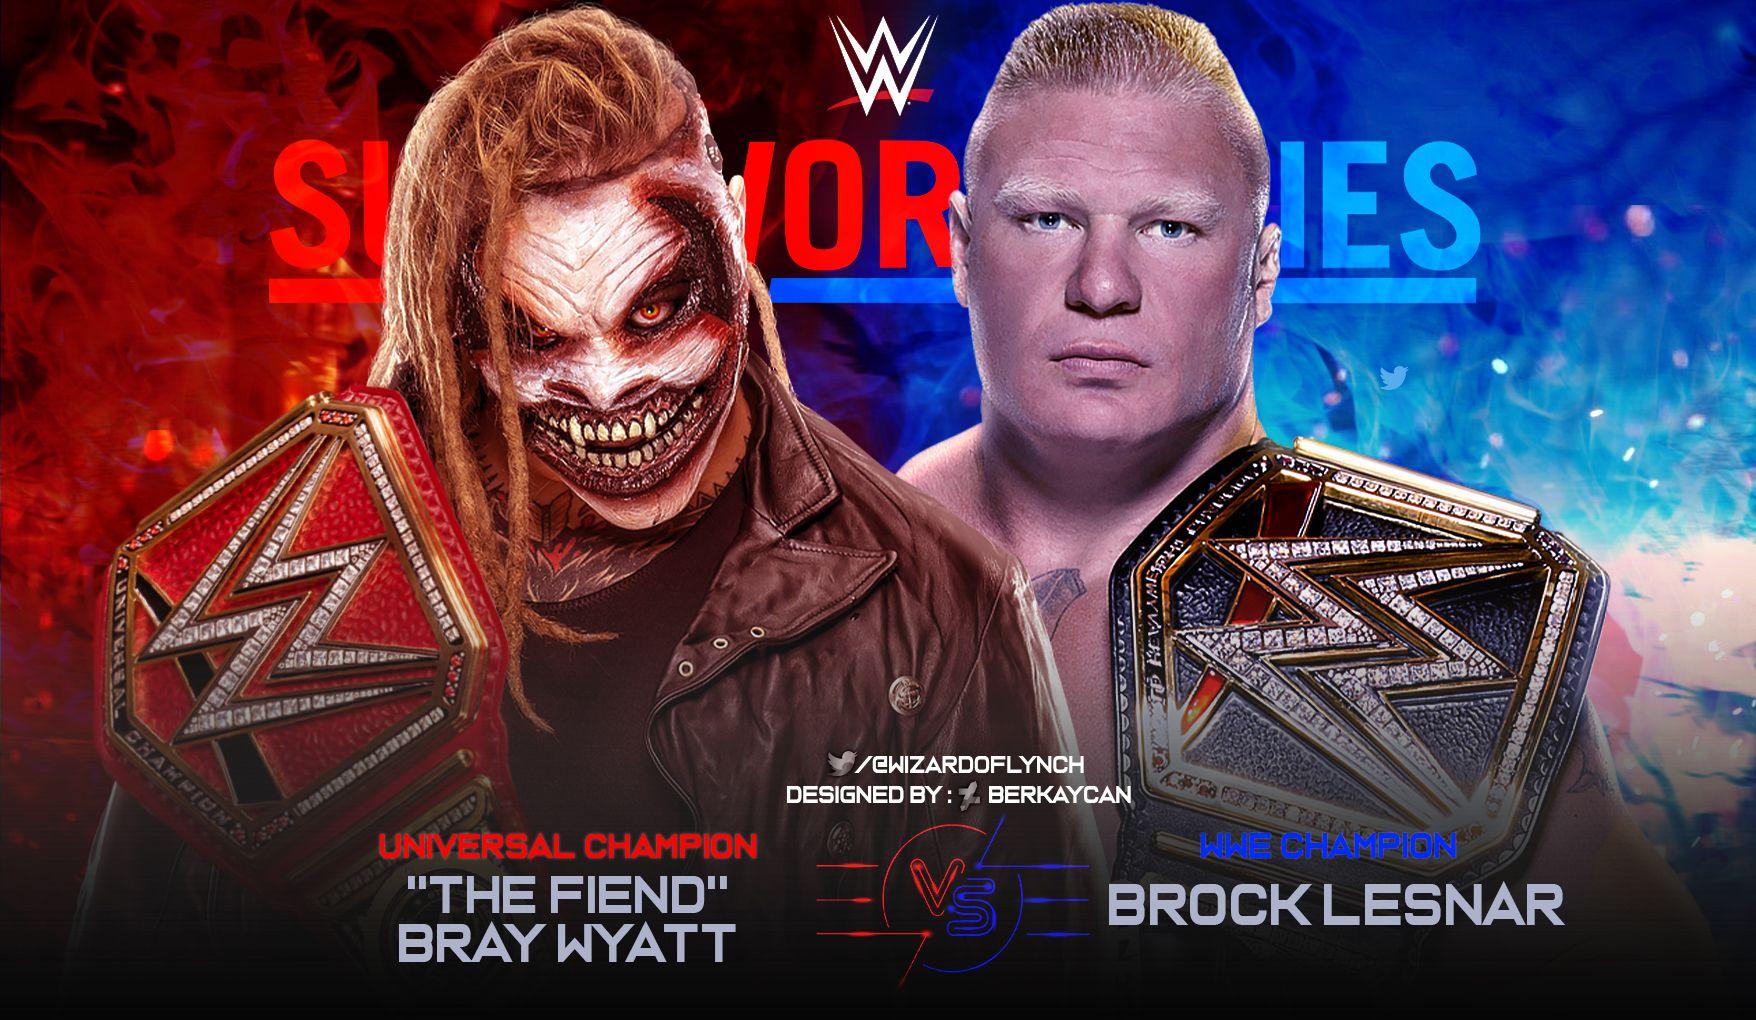 The Fiend Bray Wyatt Vs Brock Lesnar Survivor Series Match Card Bray Wyatt Brock Lesnar Wyatt